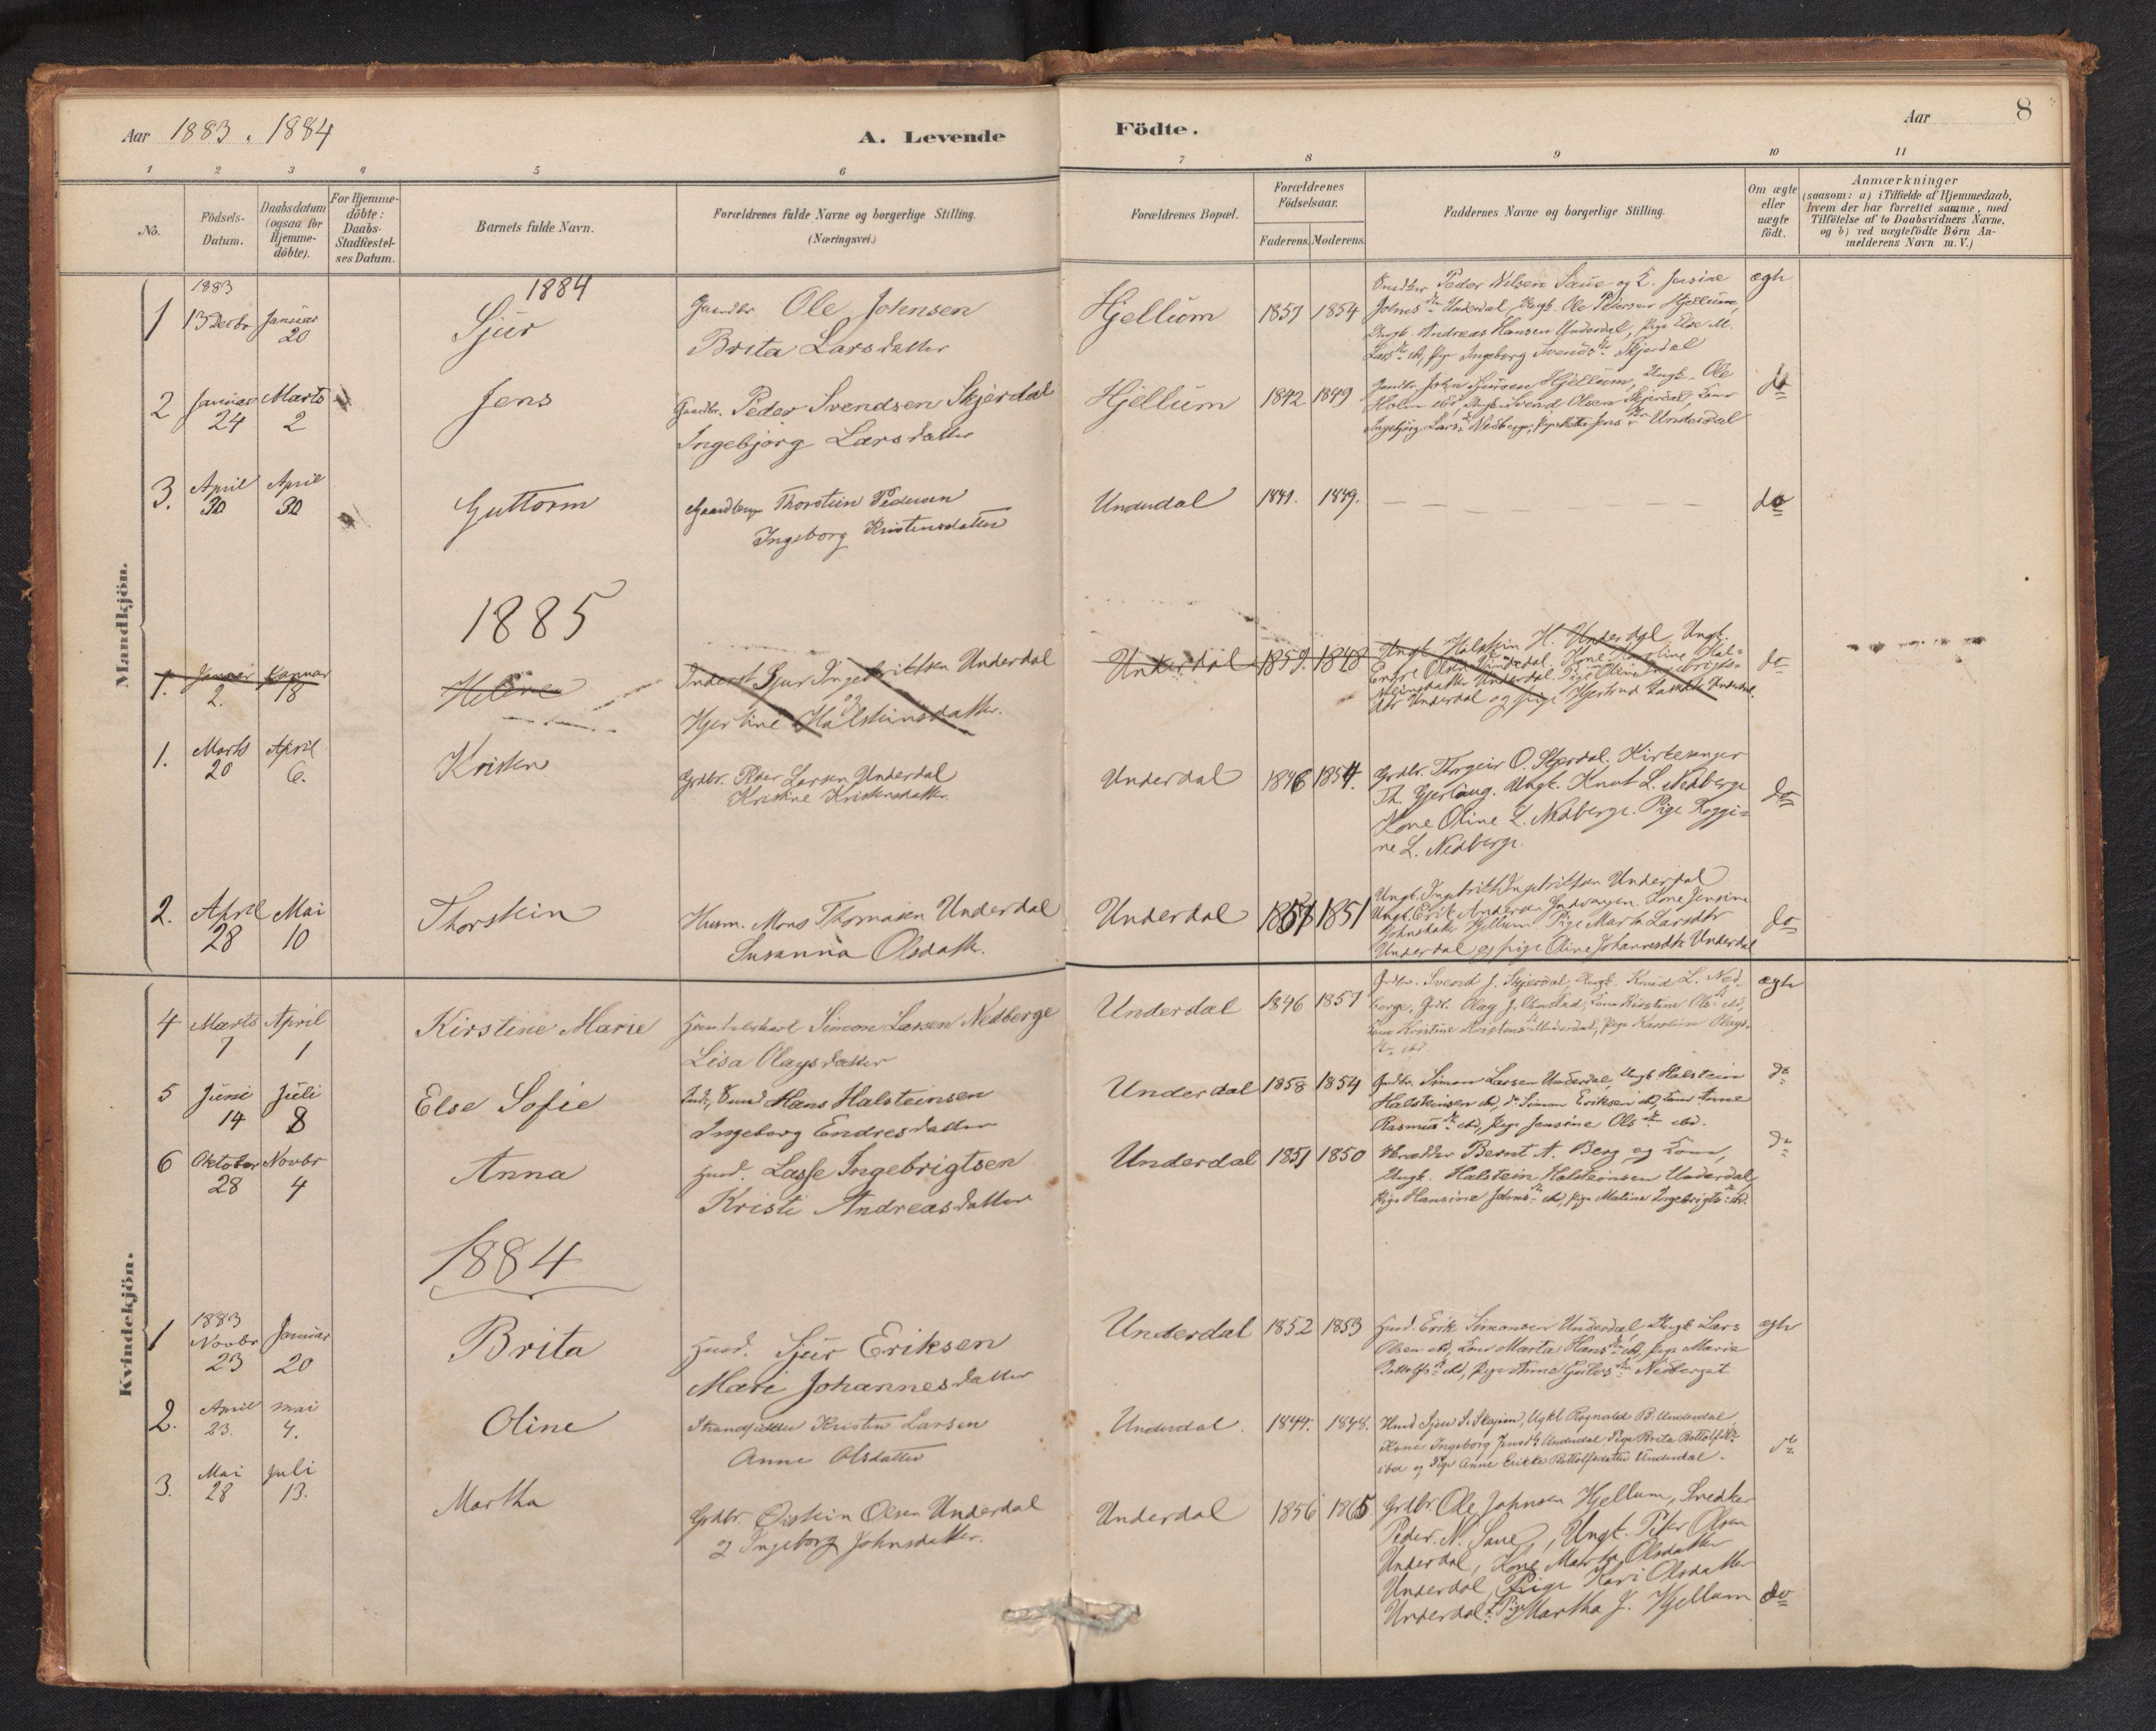 SAB, Aurland Sokneprestembete*, Ministerialbok nr. E 1, 1880-1907, s. 7b-8a